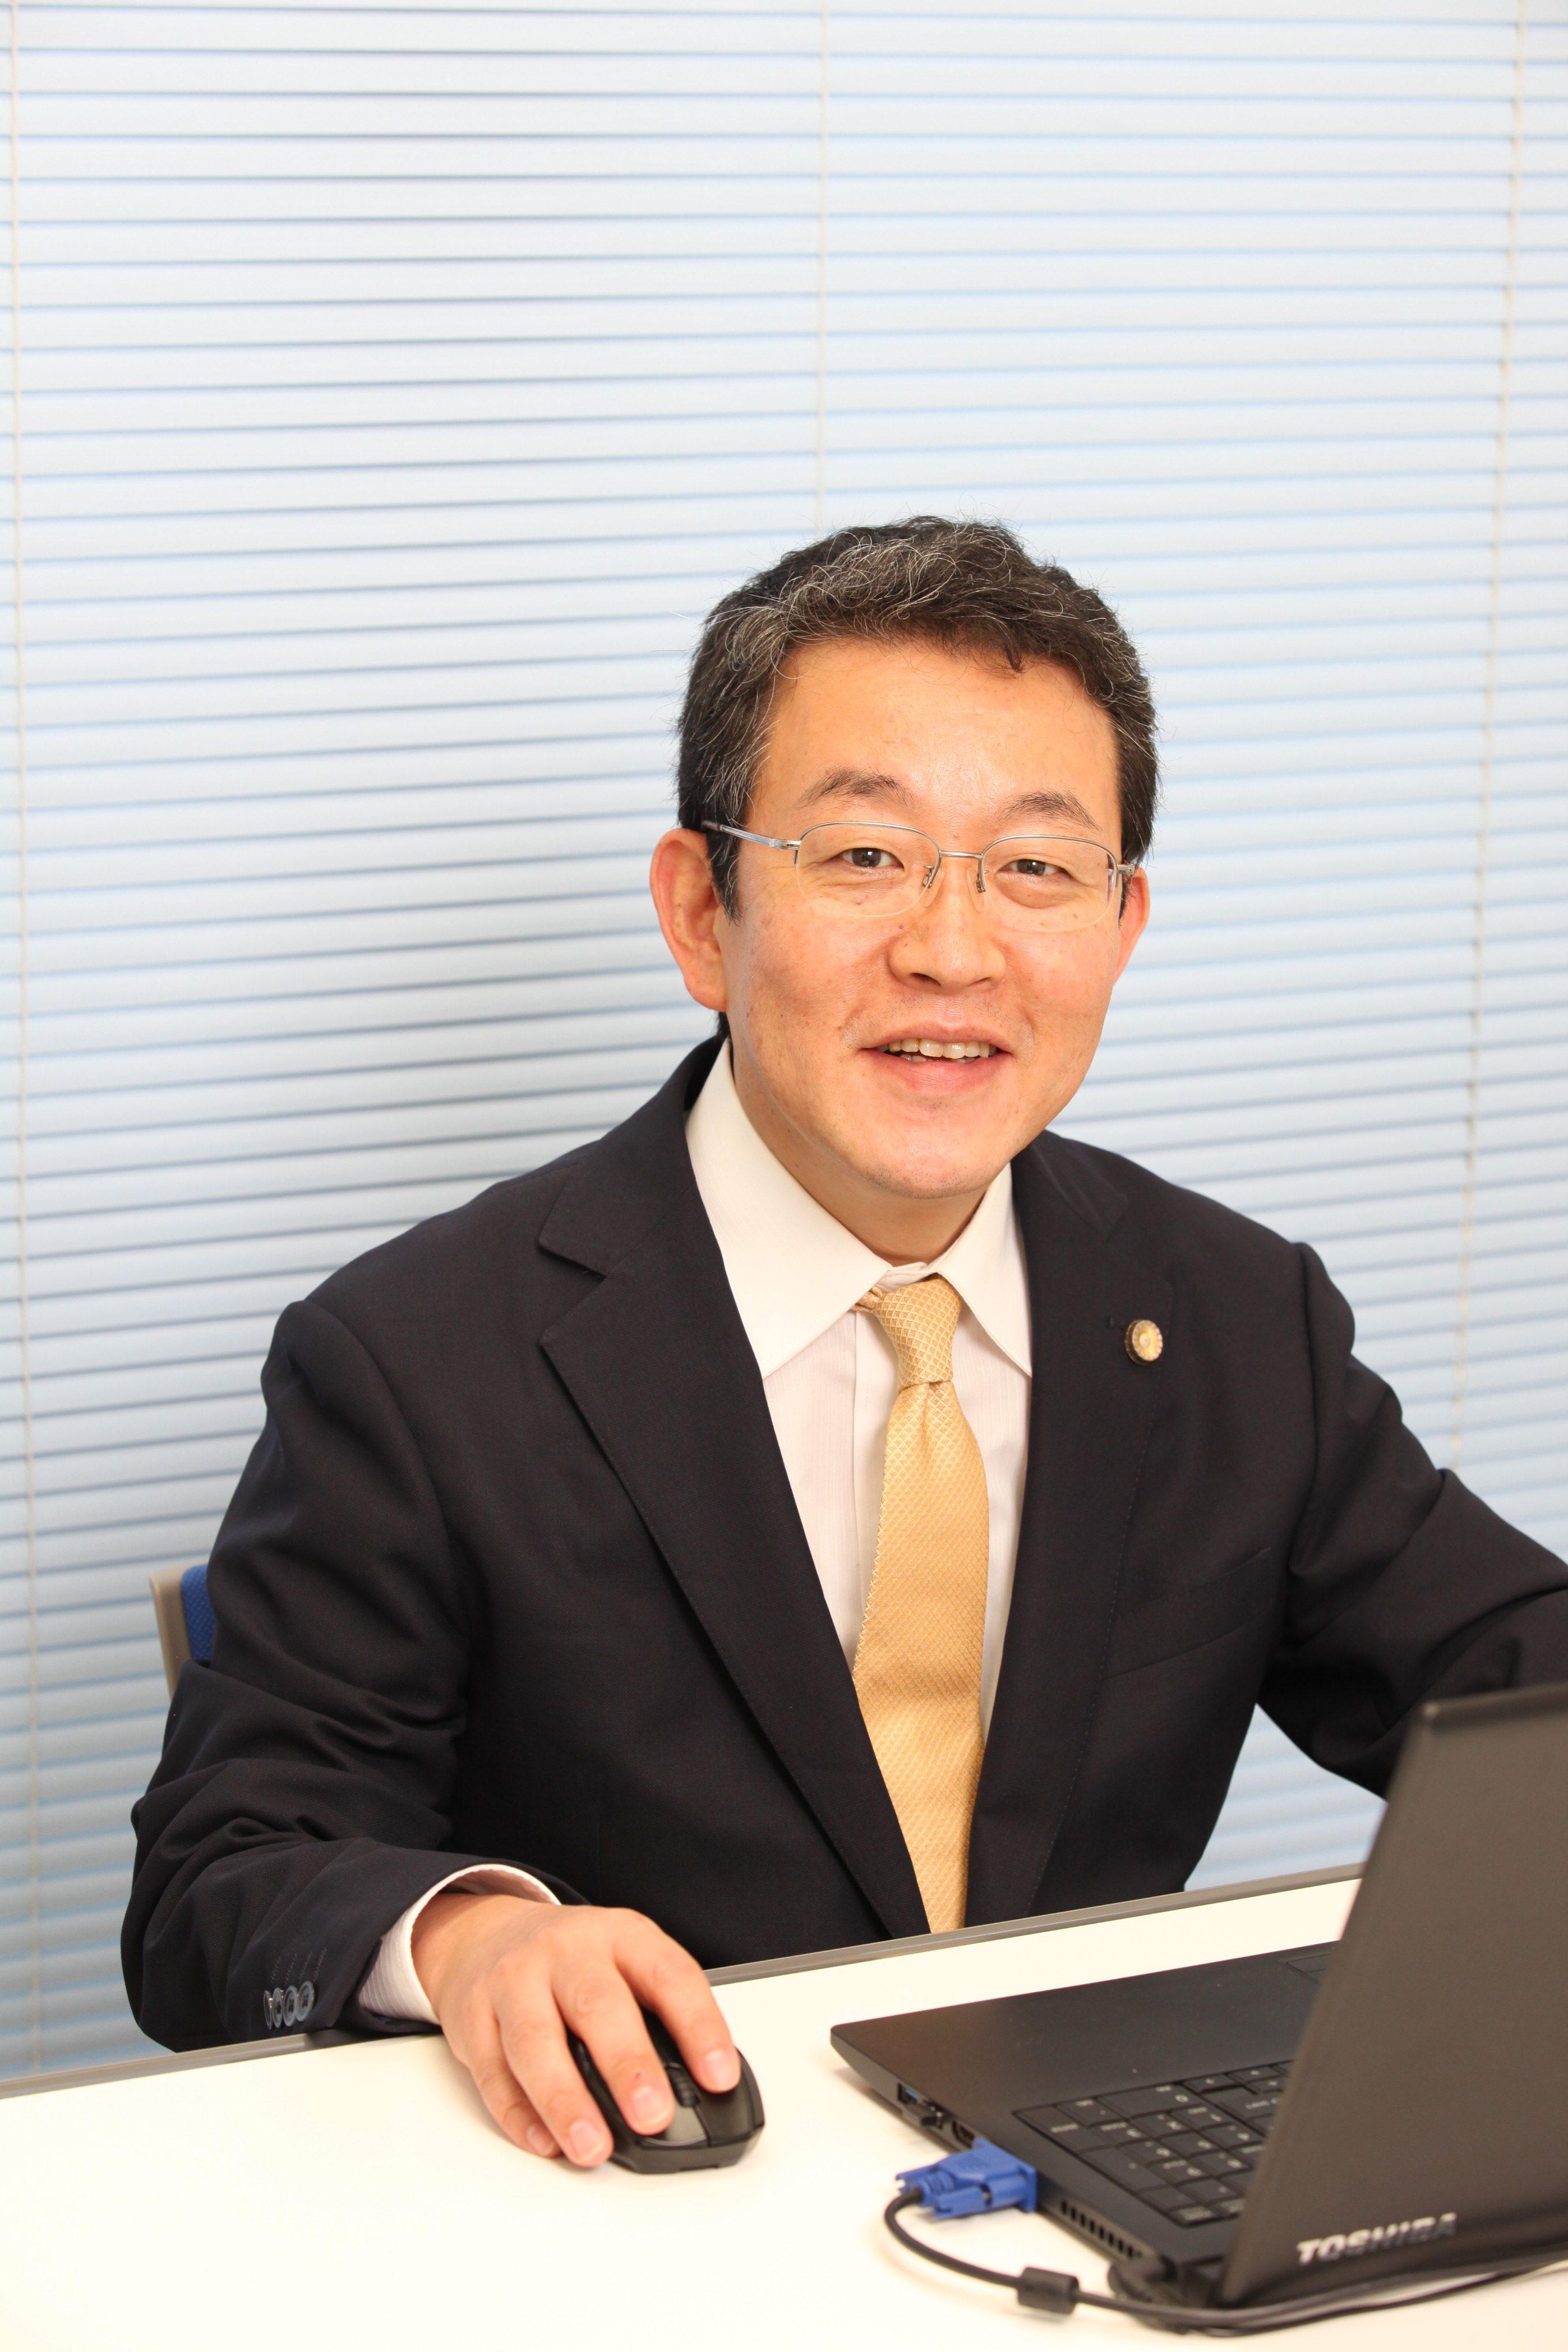 嘉多山弁護士の写真です